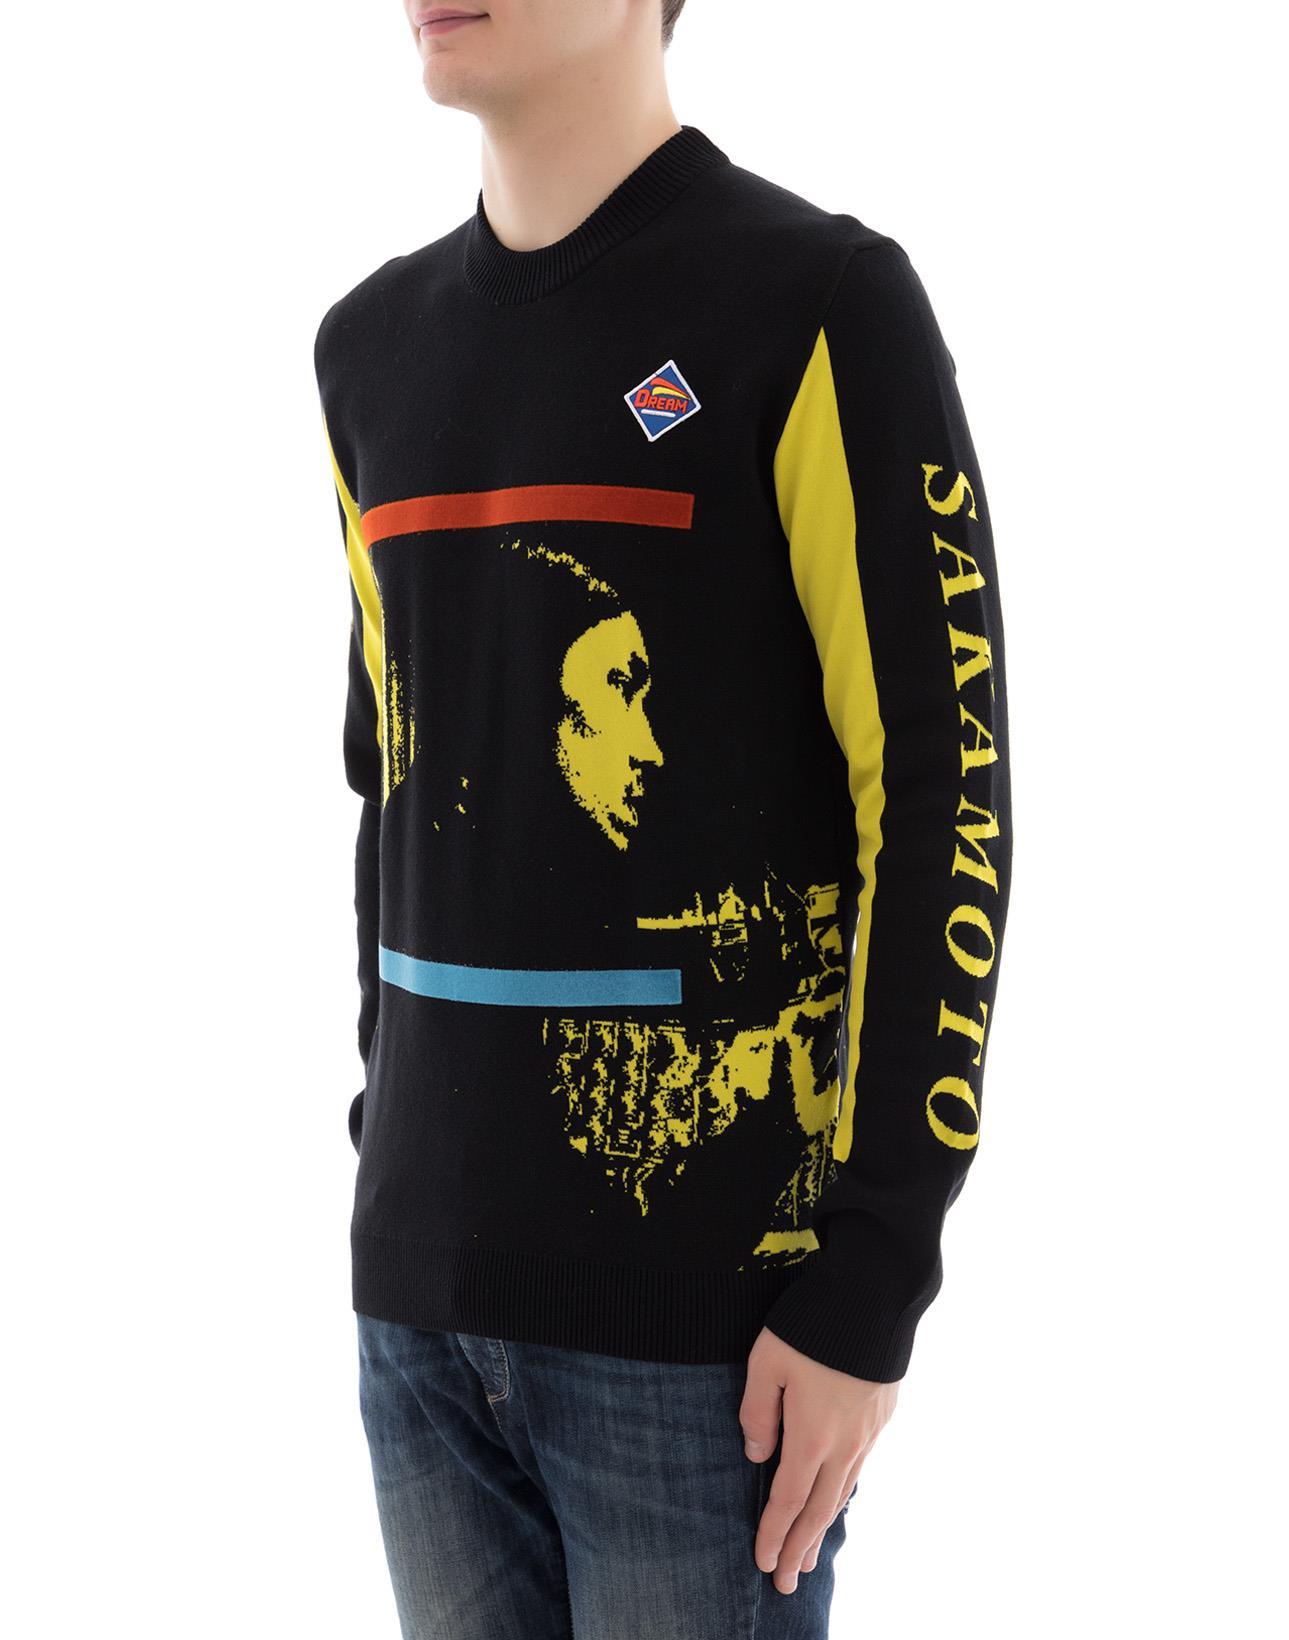 Kenzo Men's Cotton Sweatshirt bis zu 70 % | AFOUND